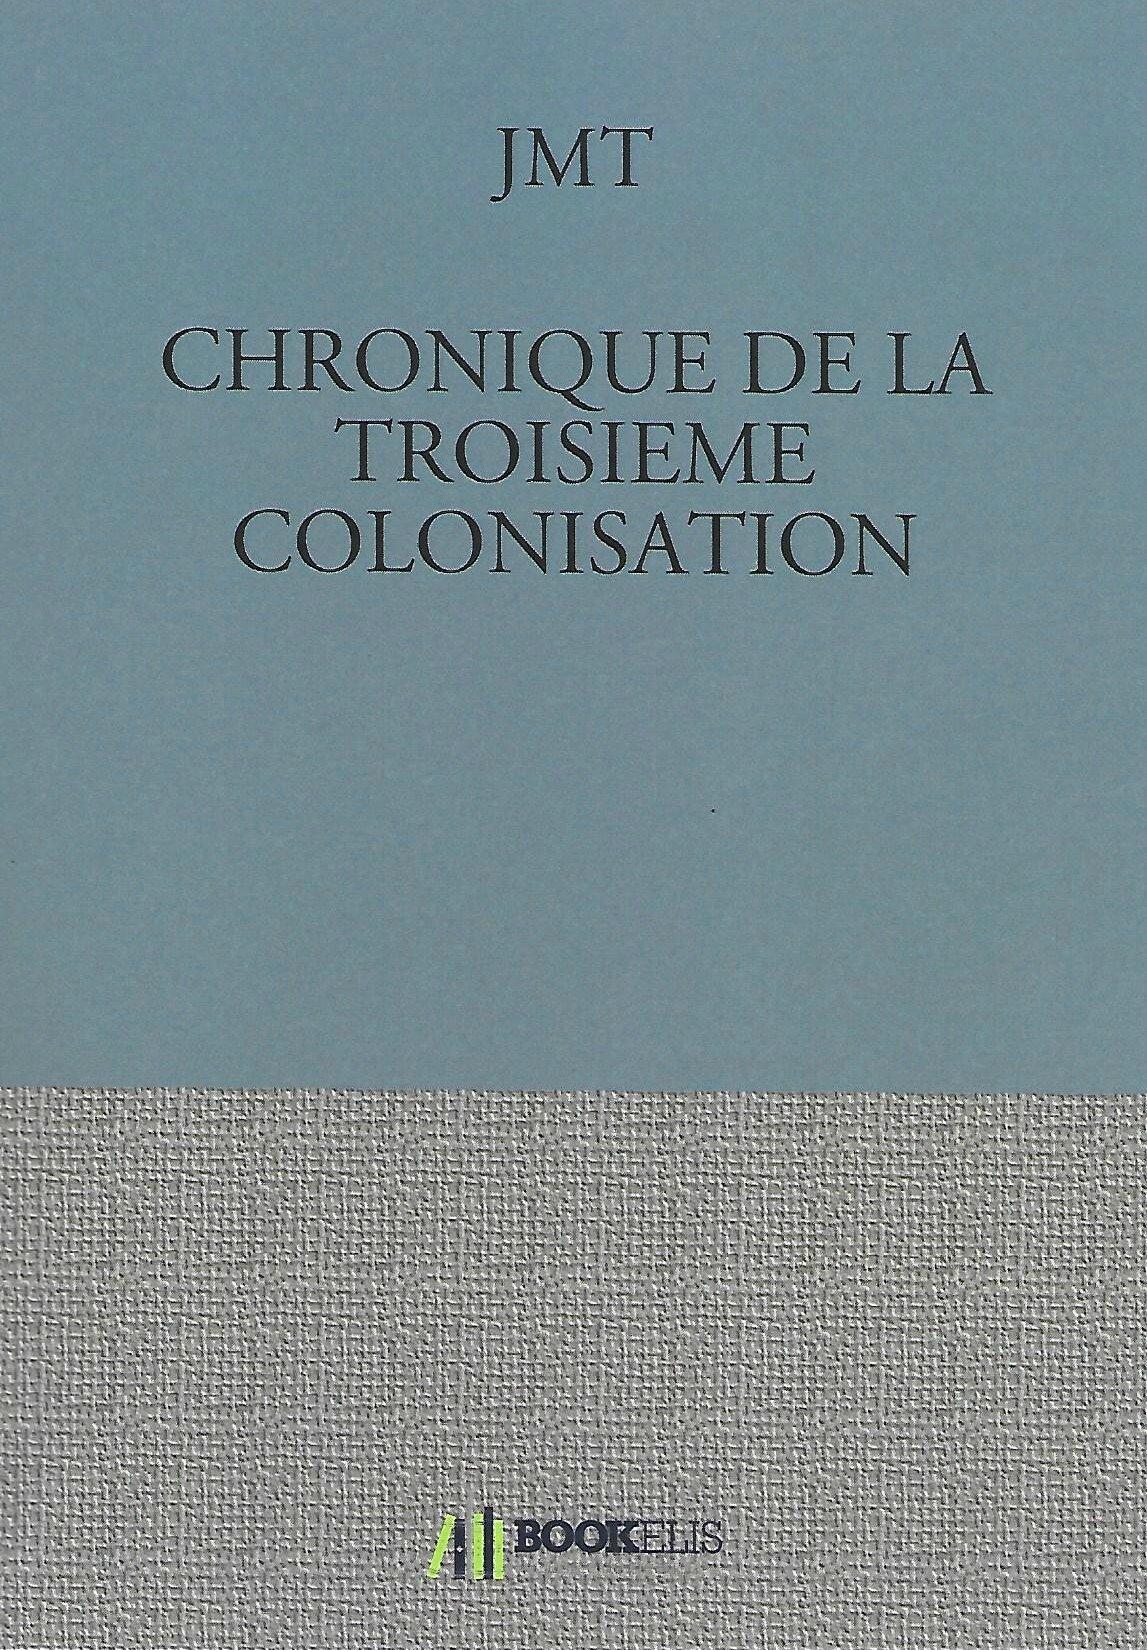 CHRONIQUE DE LA TROISIÈME COLONISATION - par JMT